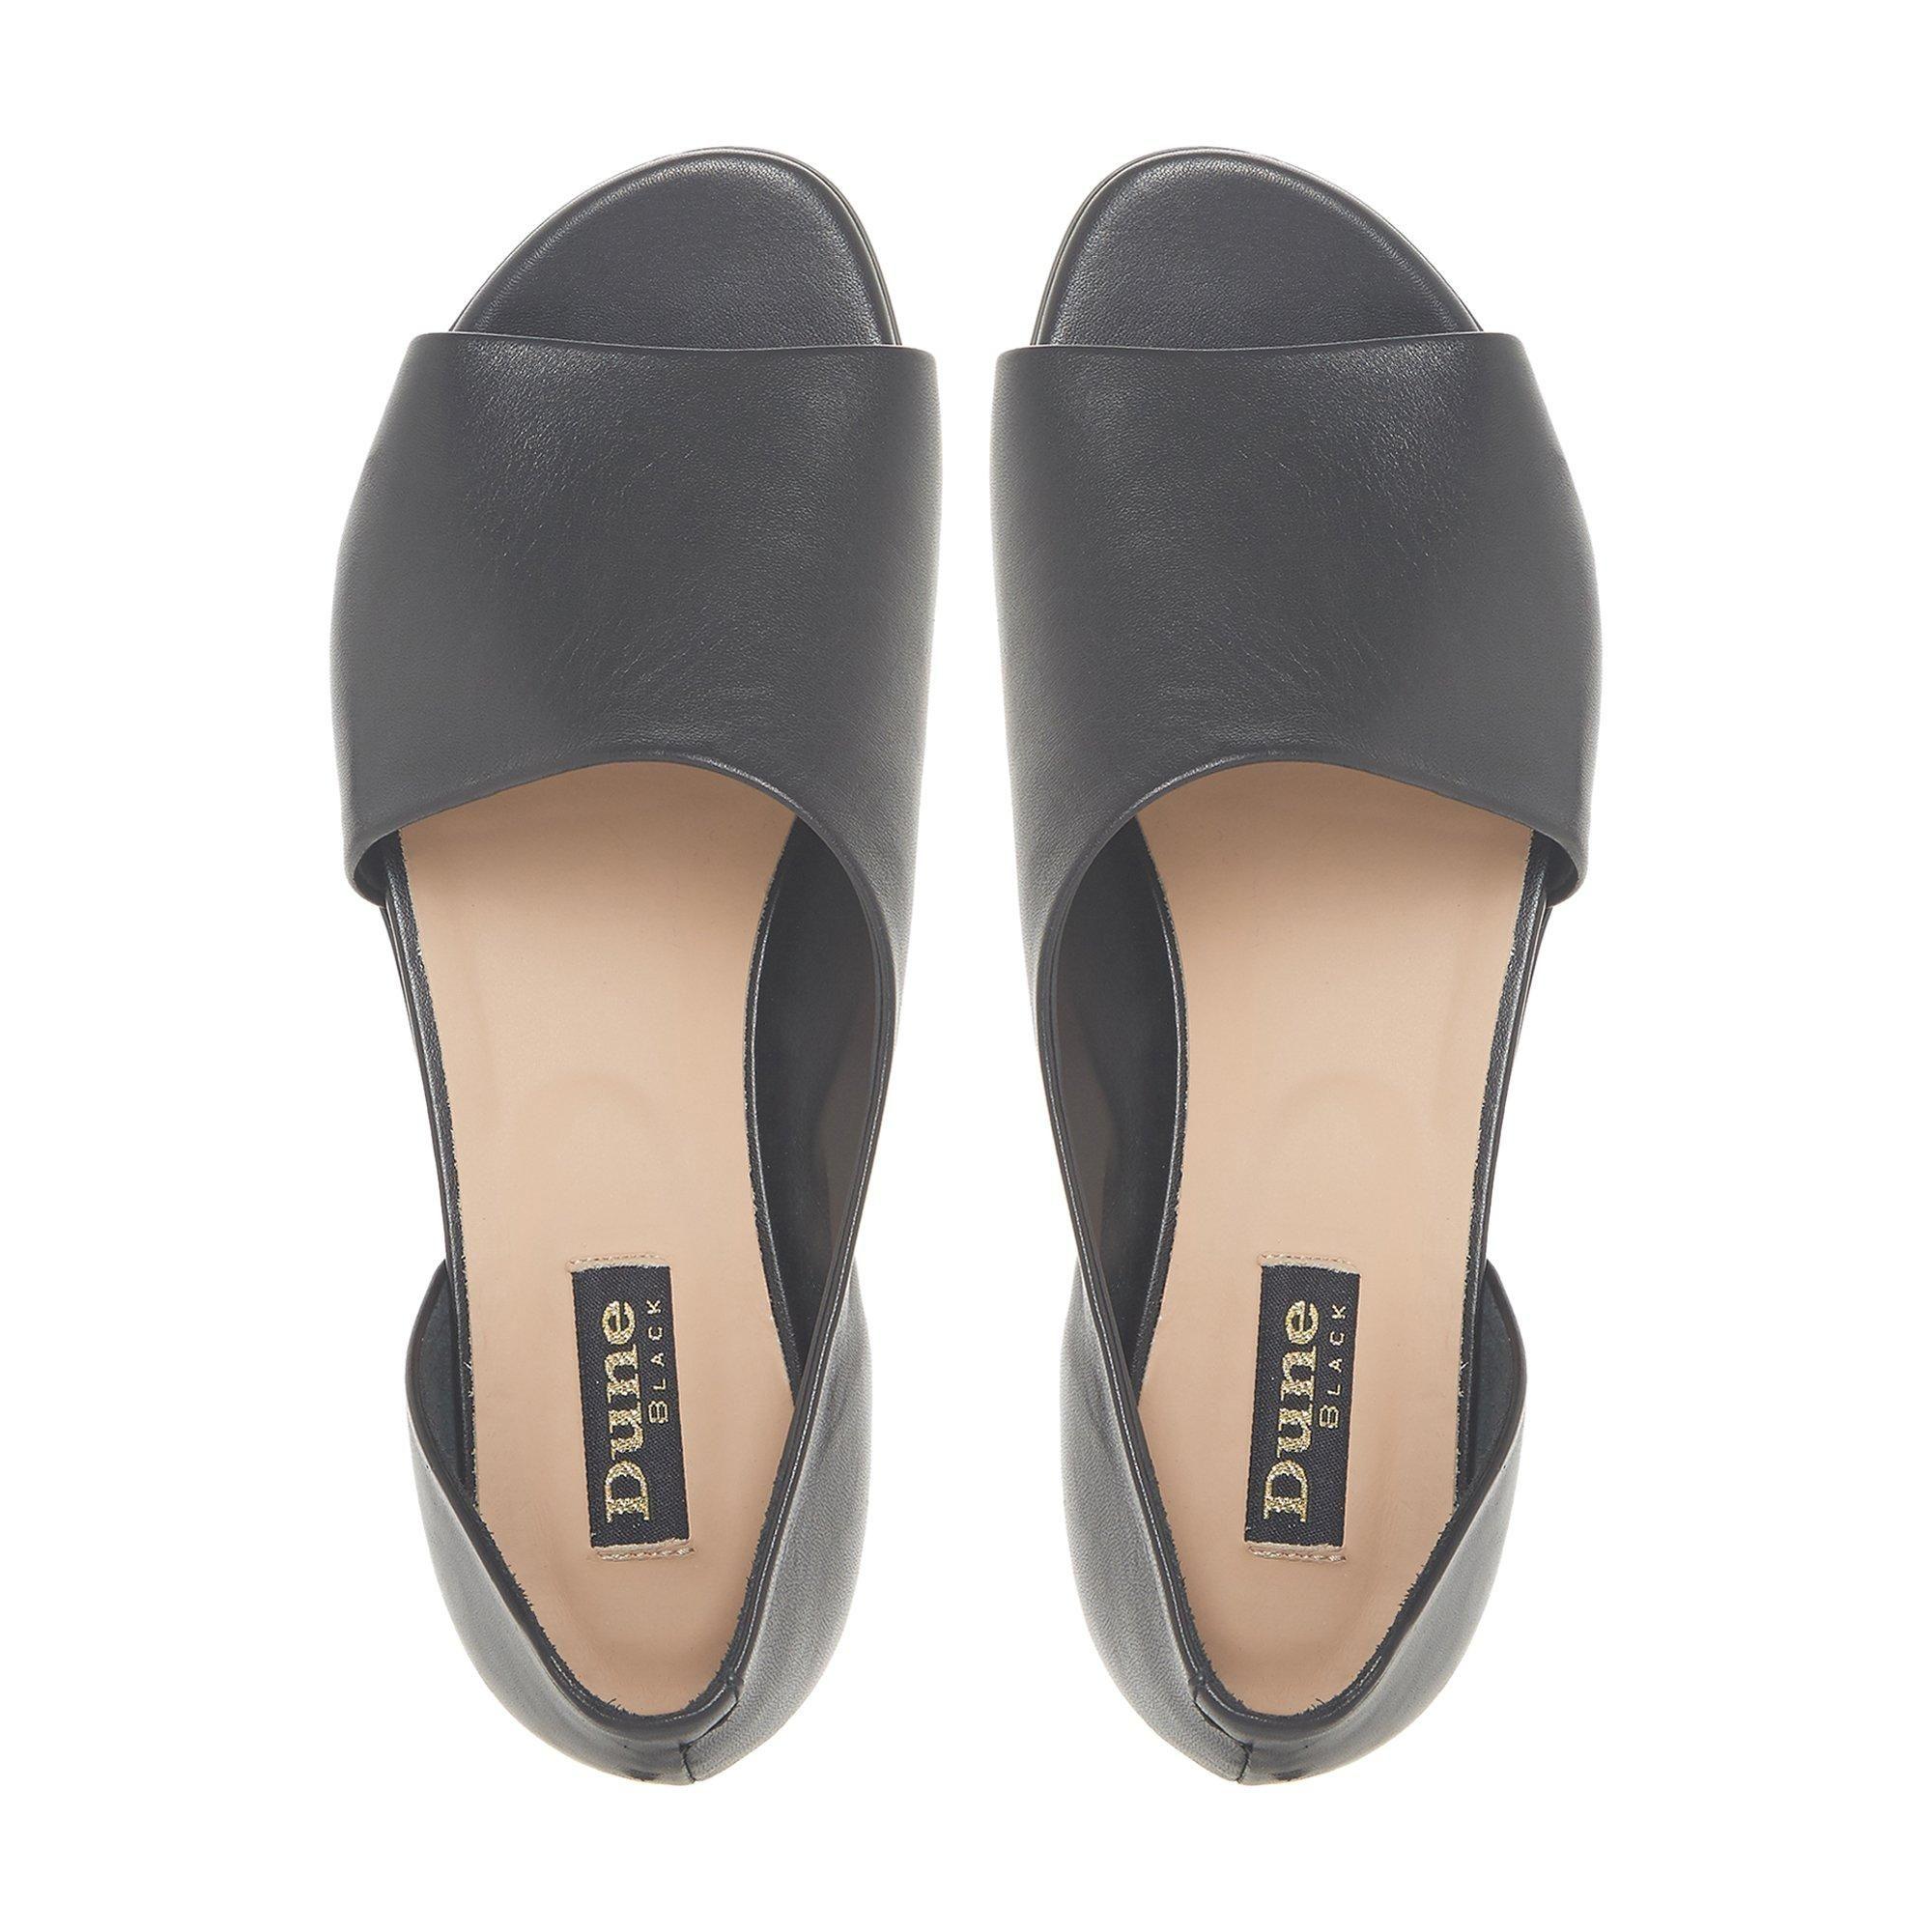 Dune Black Ladies LE MARCHE Asymmetric Peep Toe Shoe